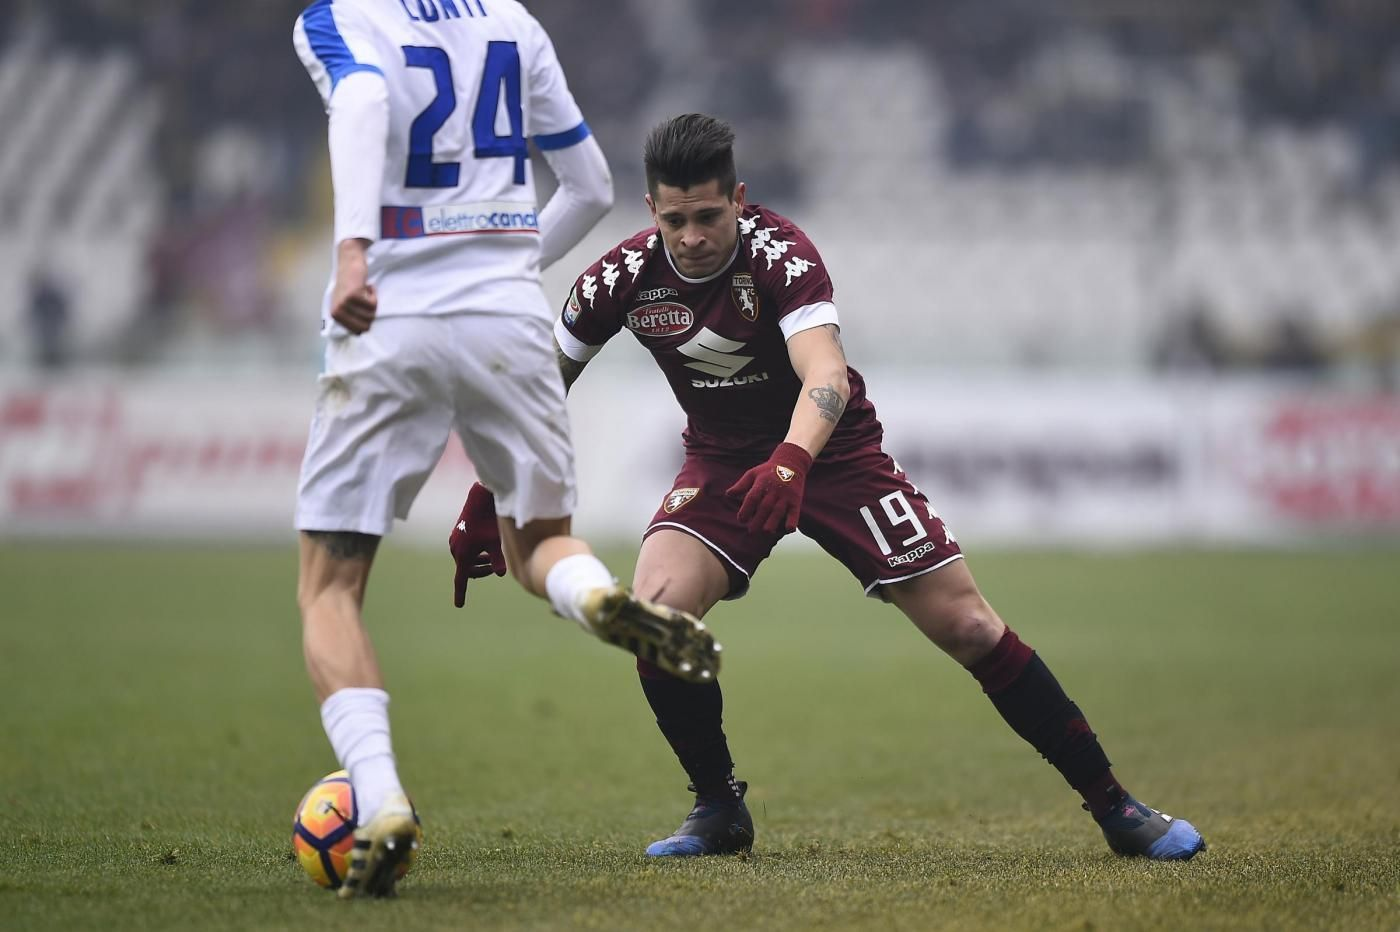 Torino Fc vs Atalanta